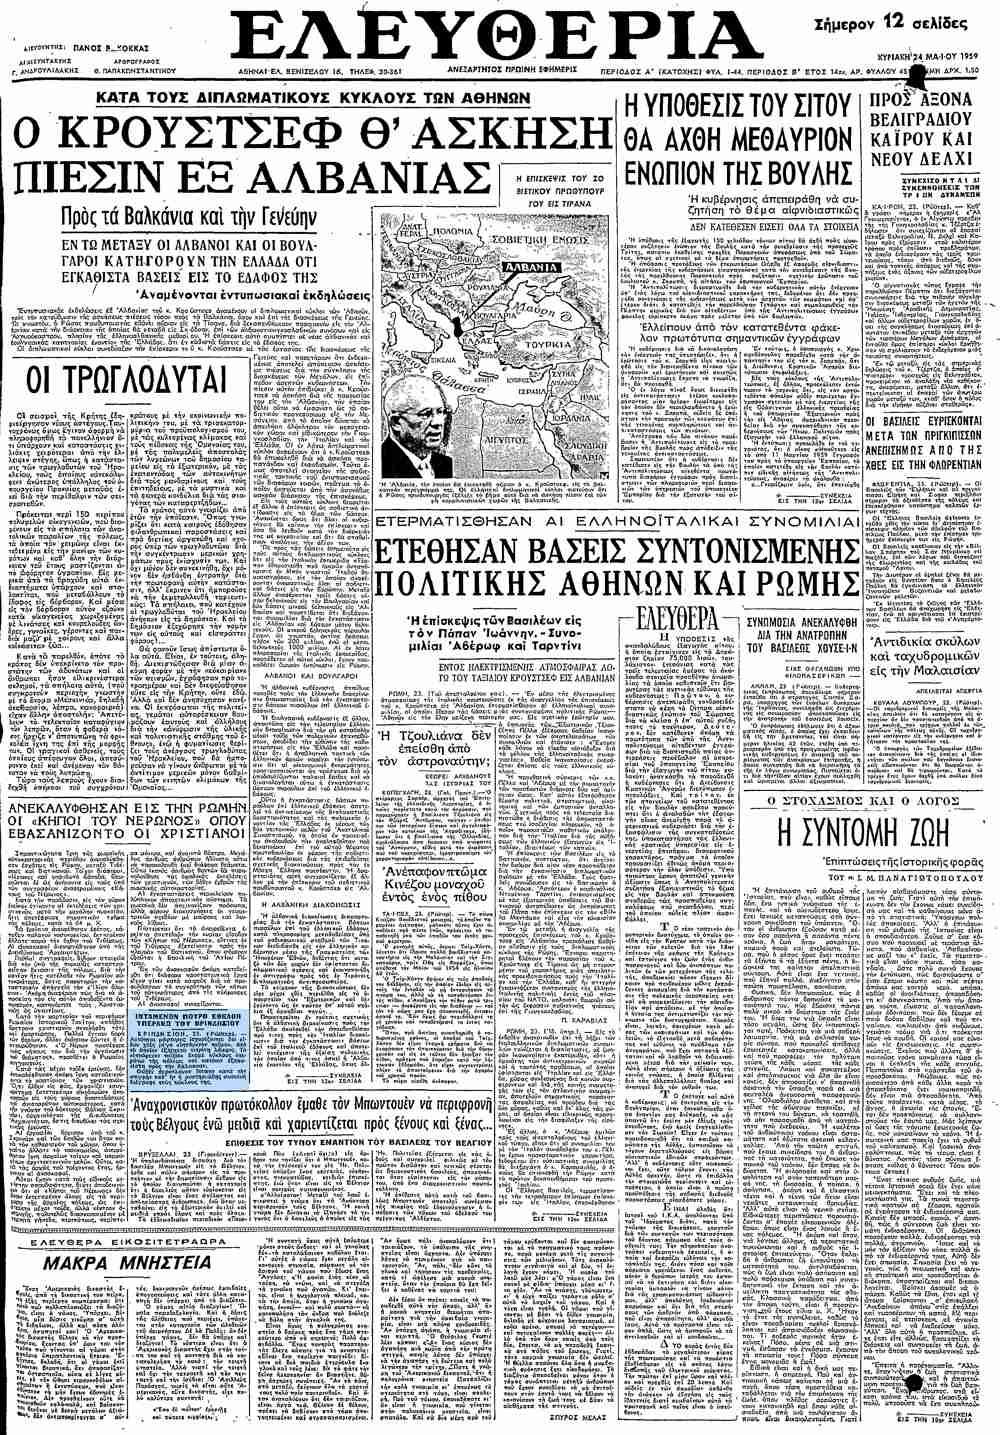 """Το άρθρο, όπως δημοσιεύθηκε στην εφημερίδα """"ΕΛΕΥΘΕΡΙΑ"""", στις 24/05/1959"""